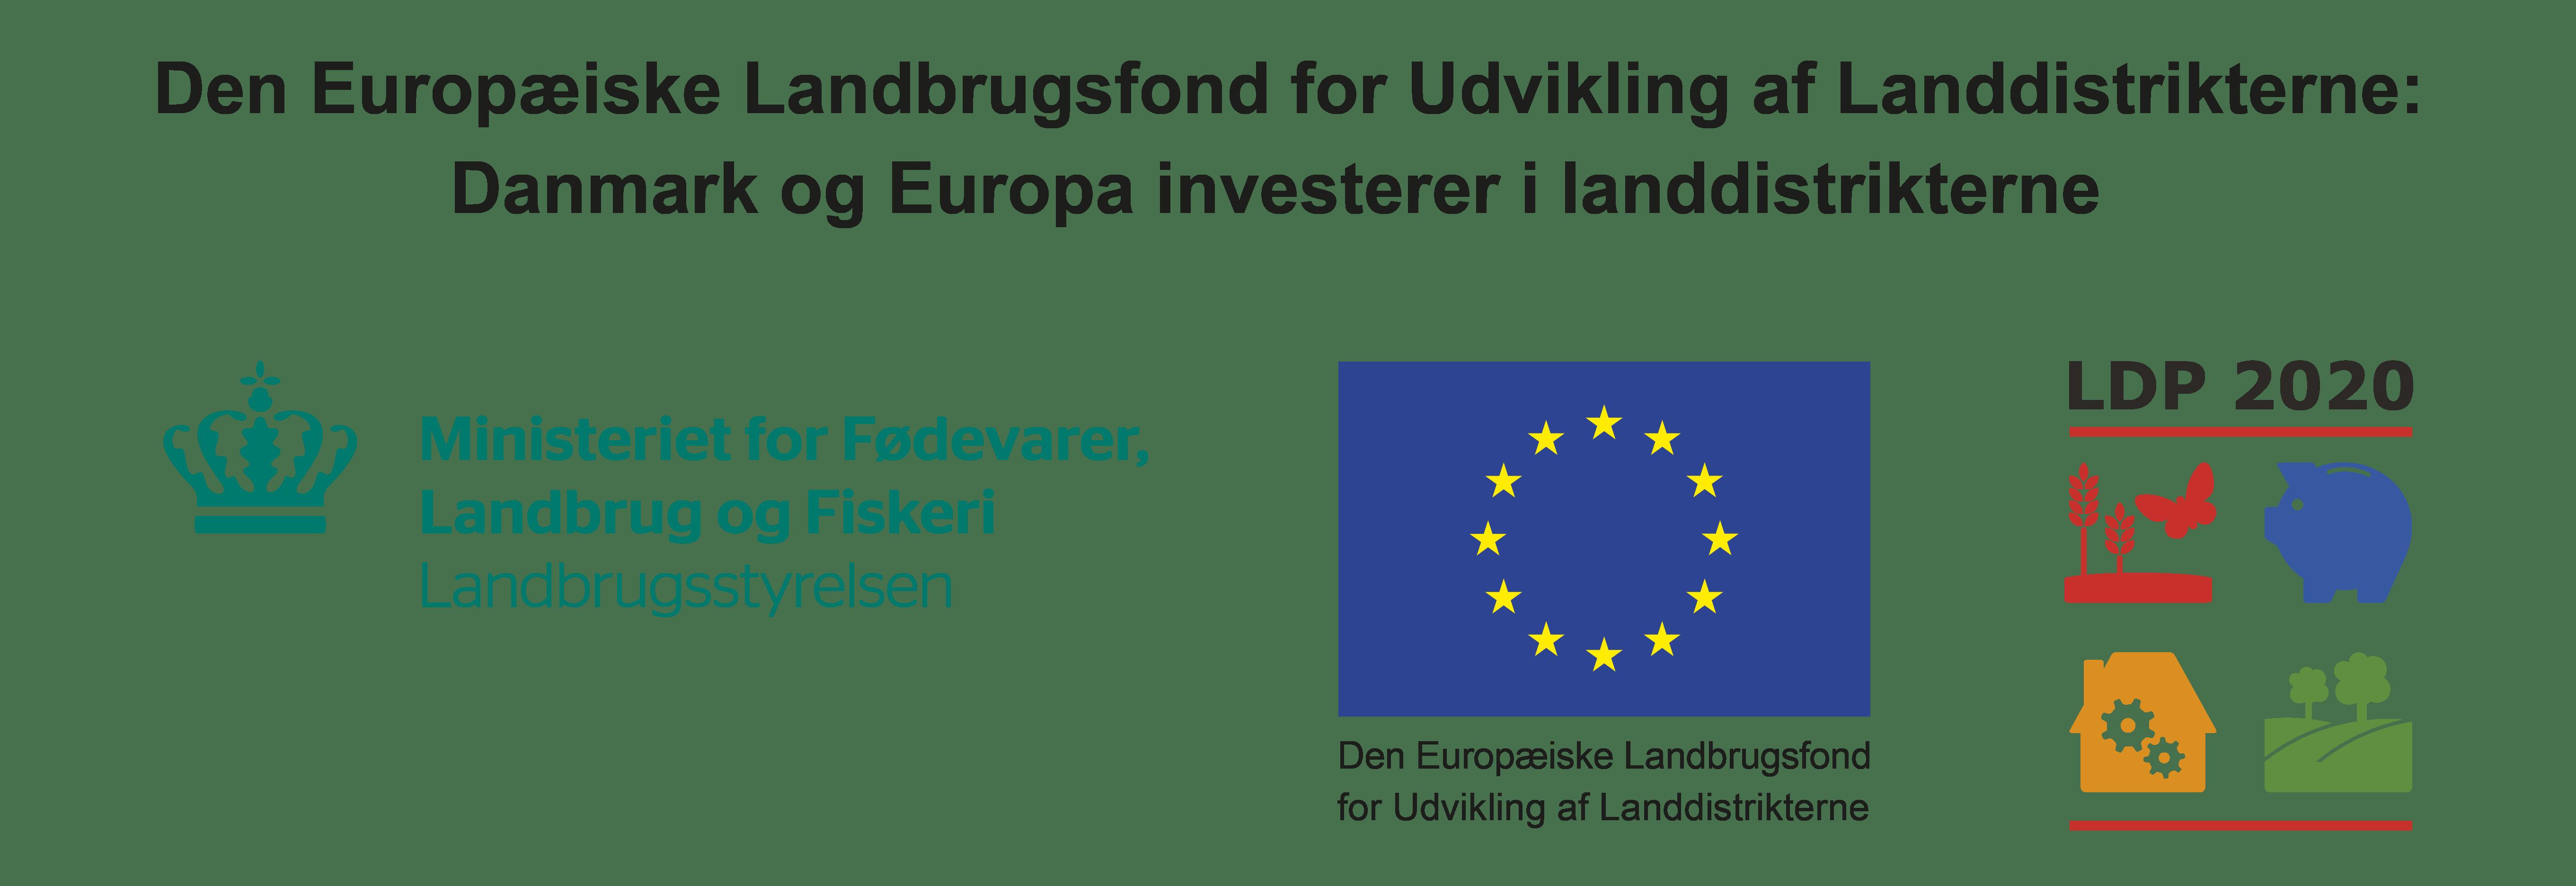 Billede med logo til Den Europæiske Landbrugsfond for Udvikling af Landdistrikterne